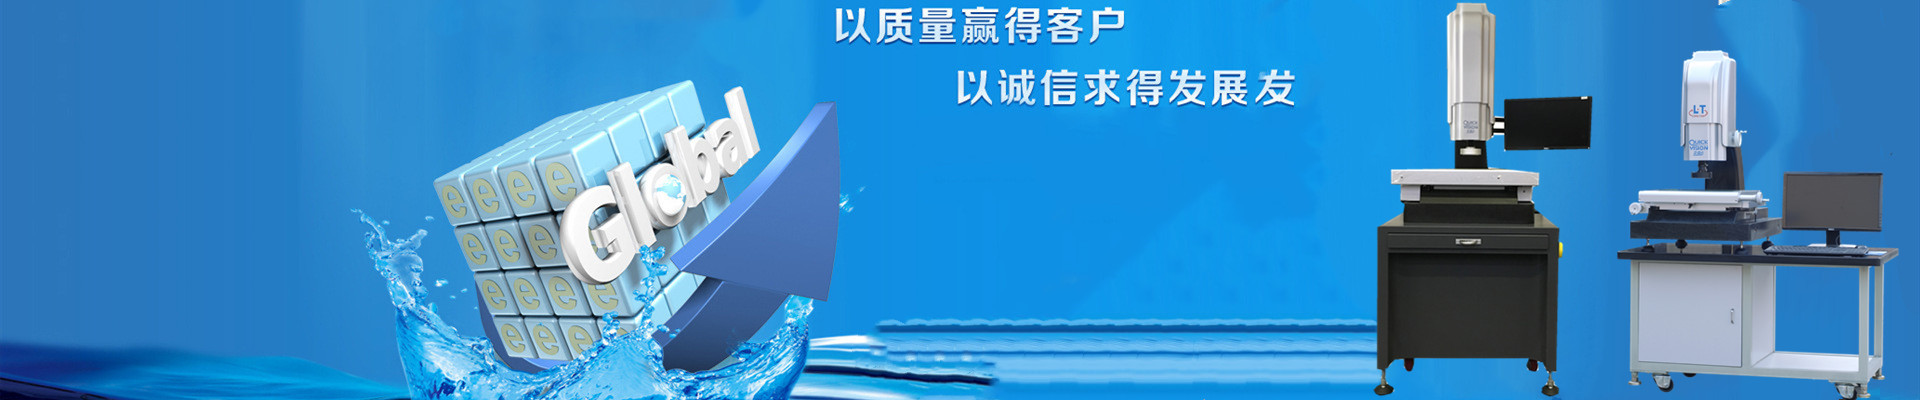 惠州市精尚仪器设备有限公司